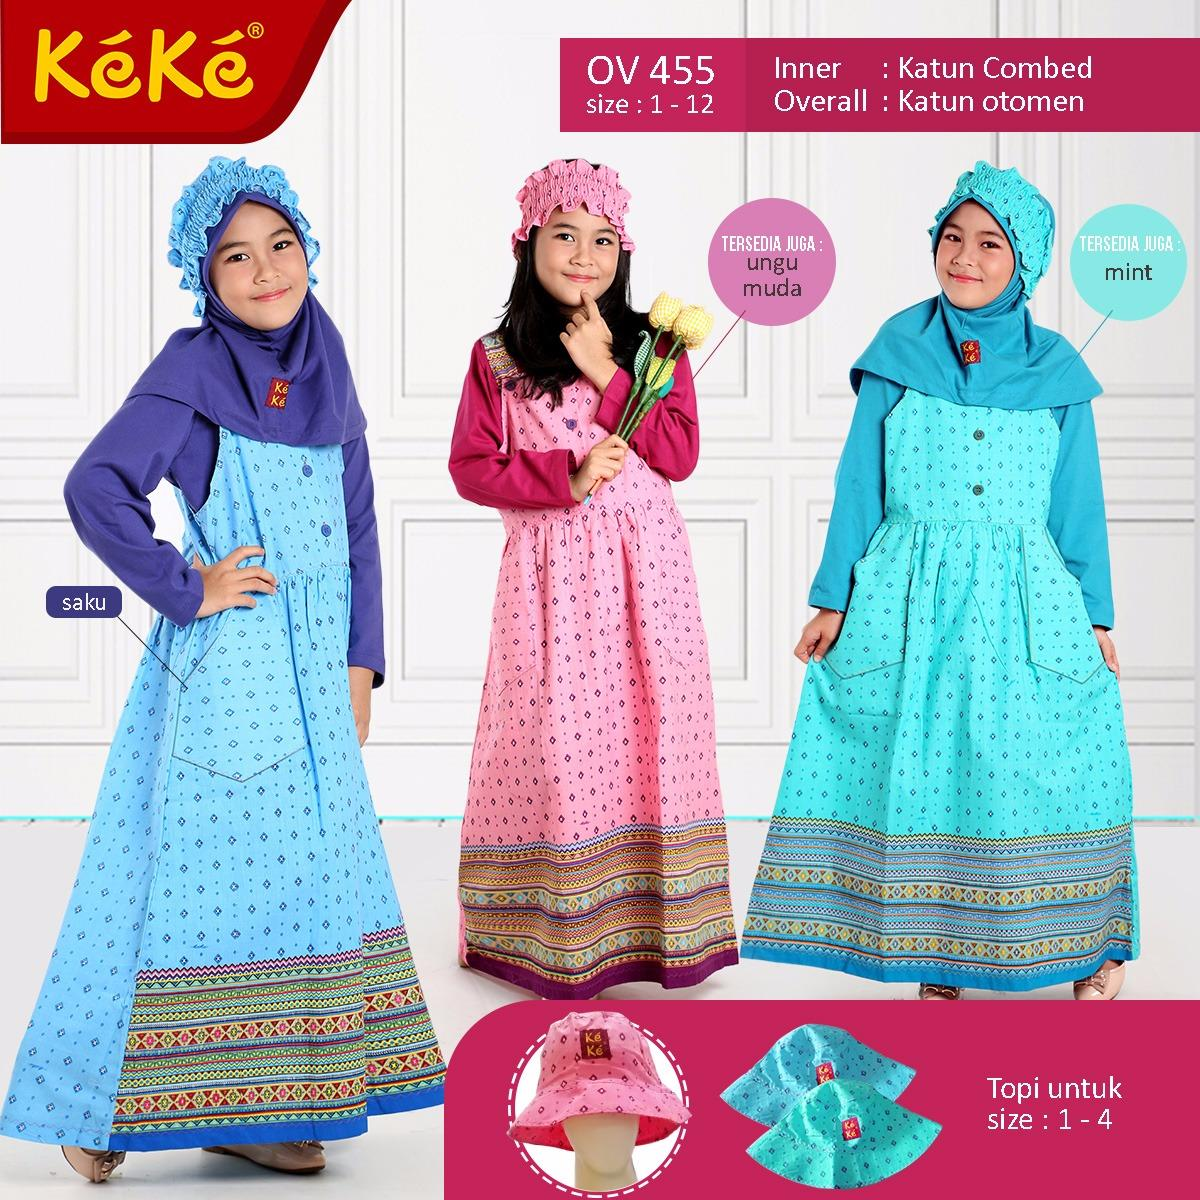 Qonitah Project Size 8 OV 455 Original Keke Busana Gamis Overall Anak Busana Muslim Branded